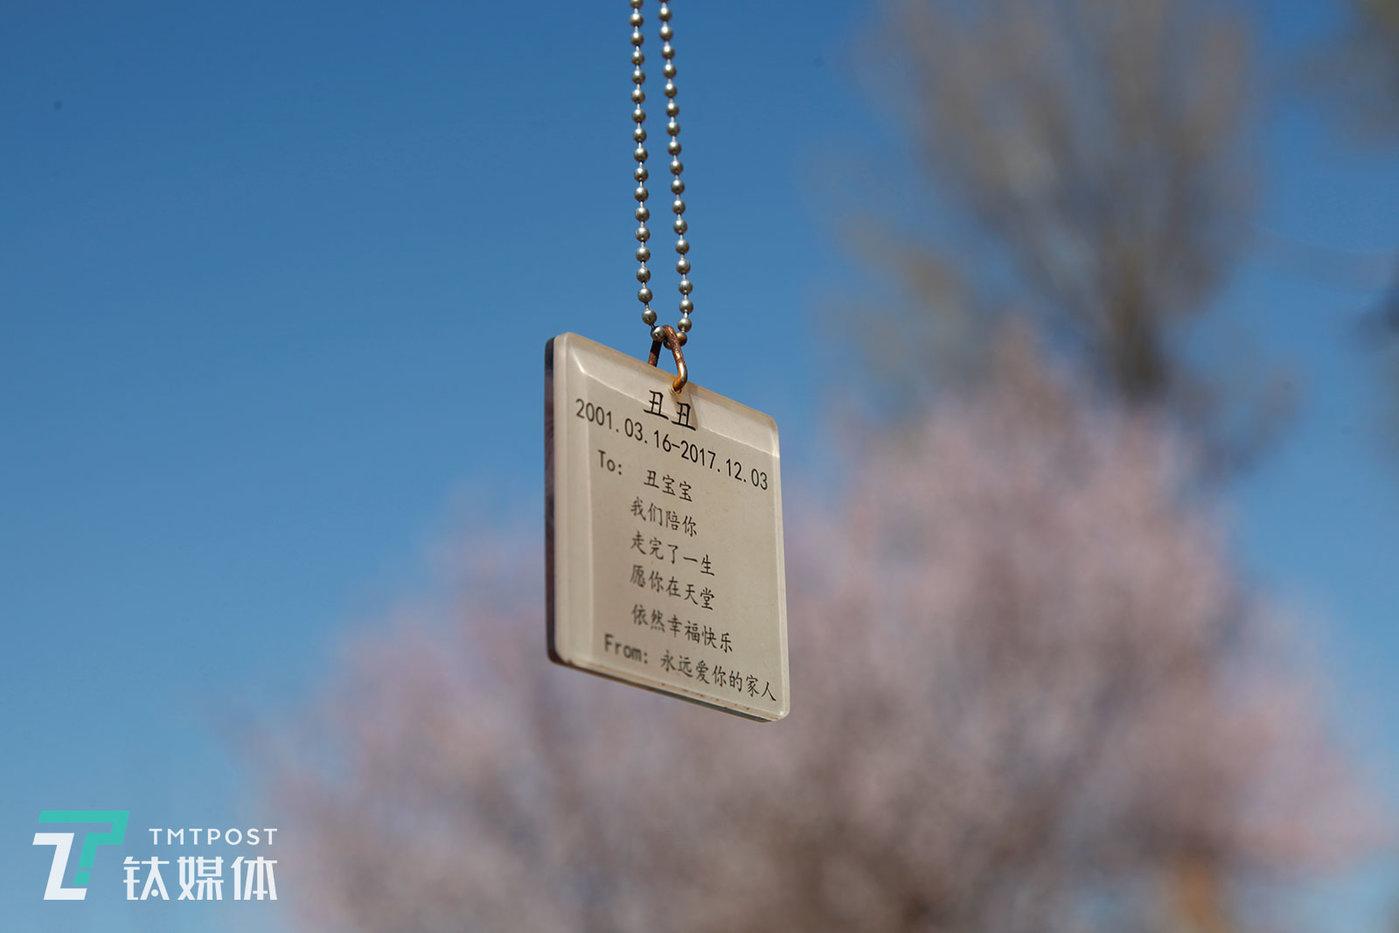 墓地里除了墓碑还有树葬,宠物的照片被制作成吊牌挂在树上,吊牌背面写着主人的留言。